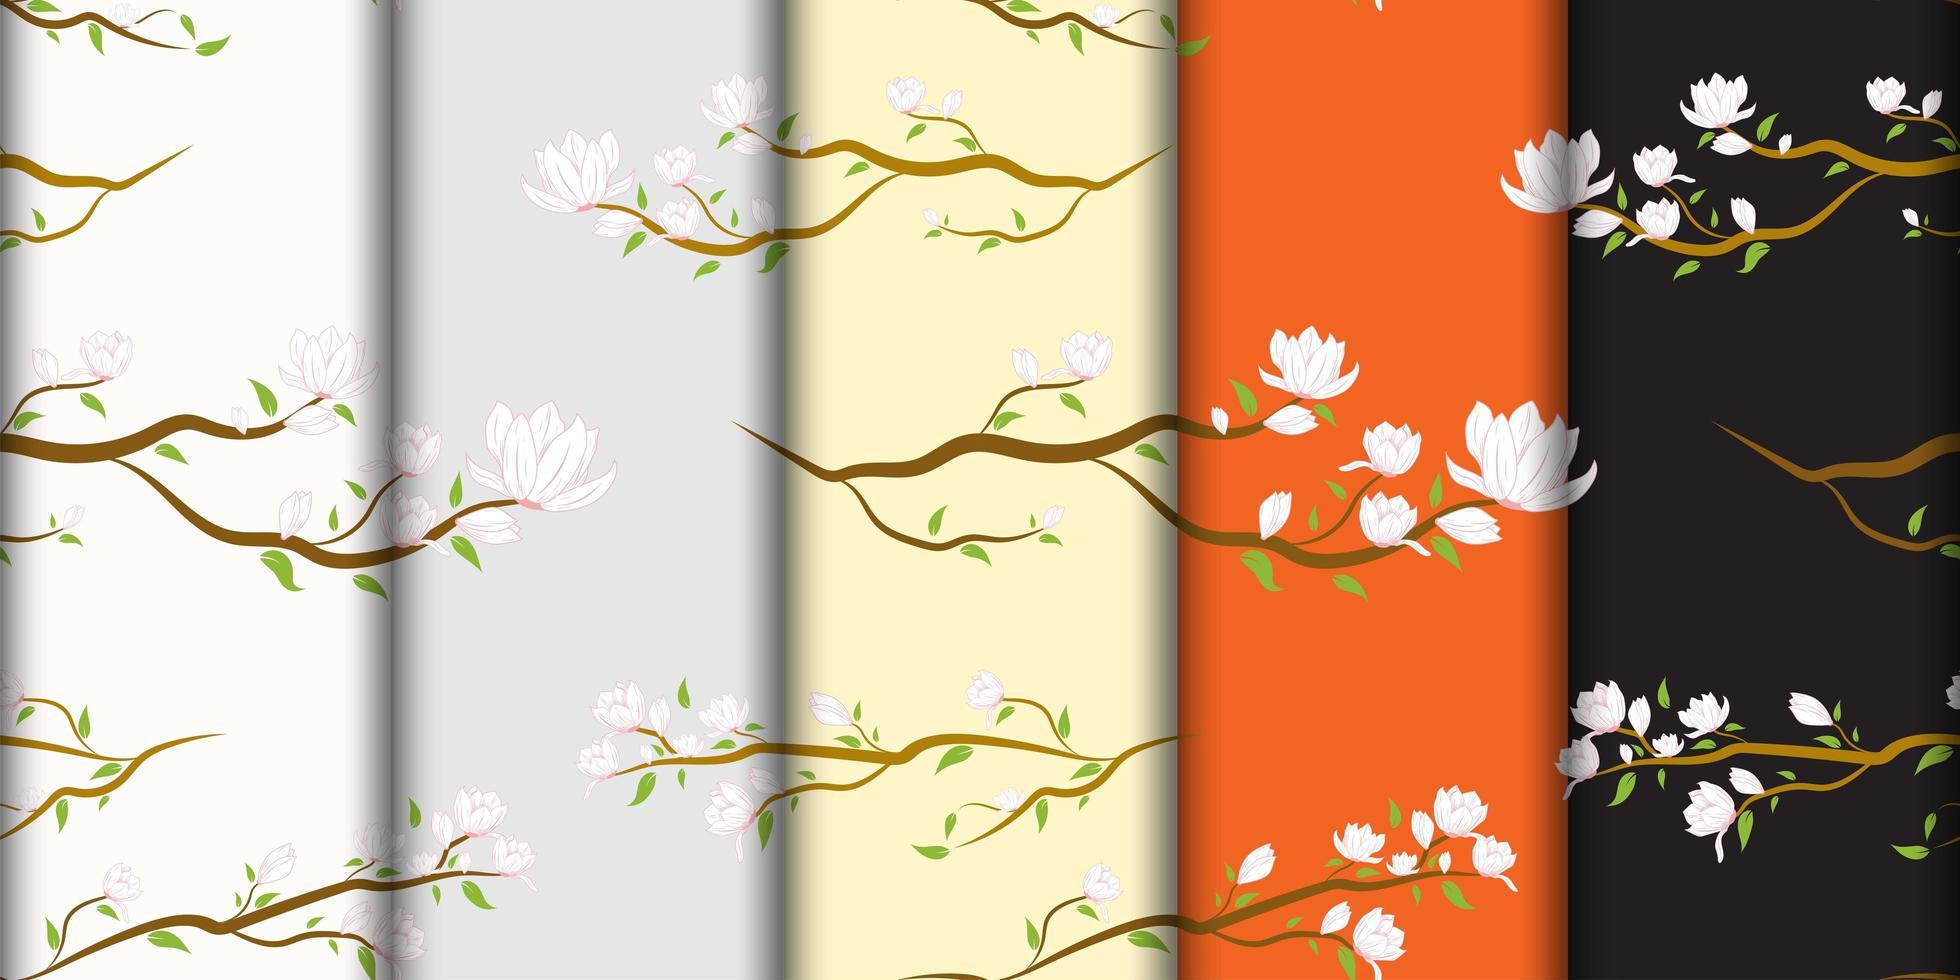 flores japonesas brancas no conjunto padrão de filial vetor